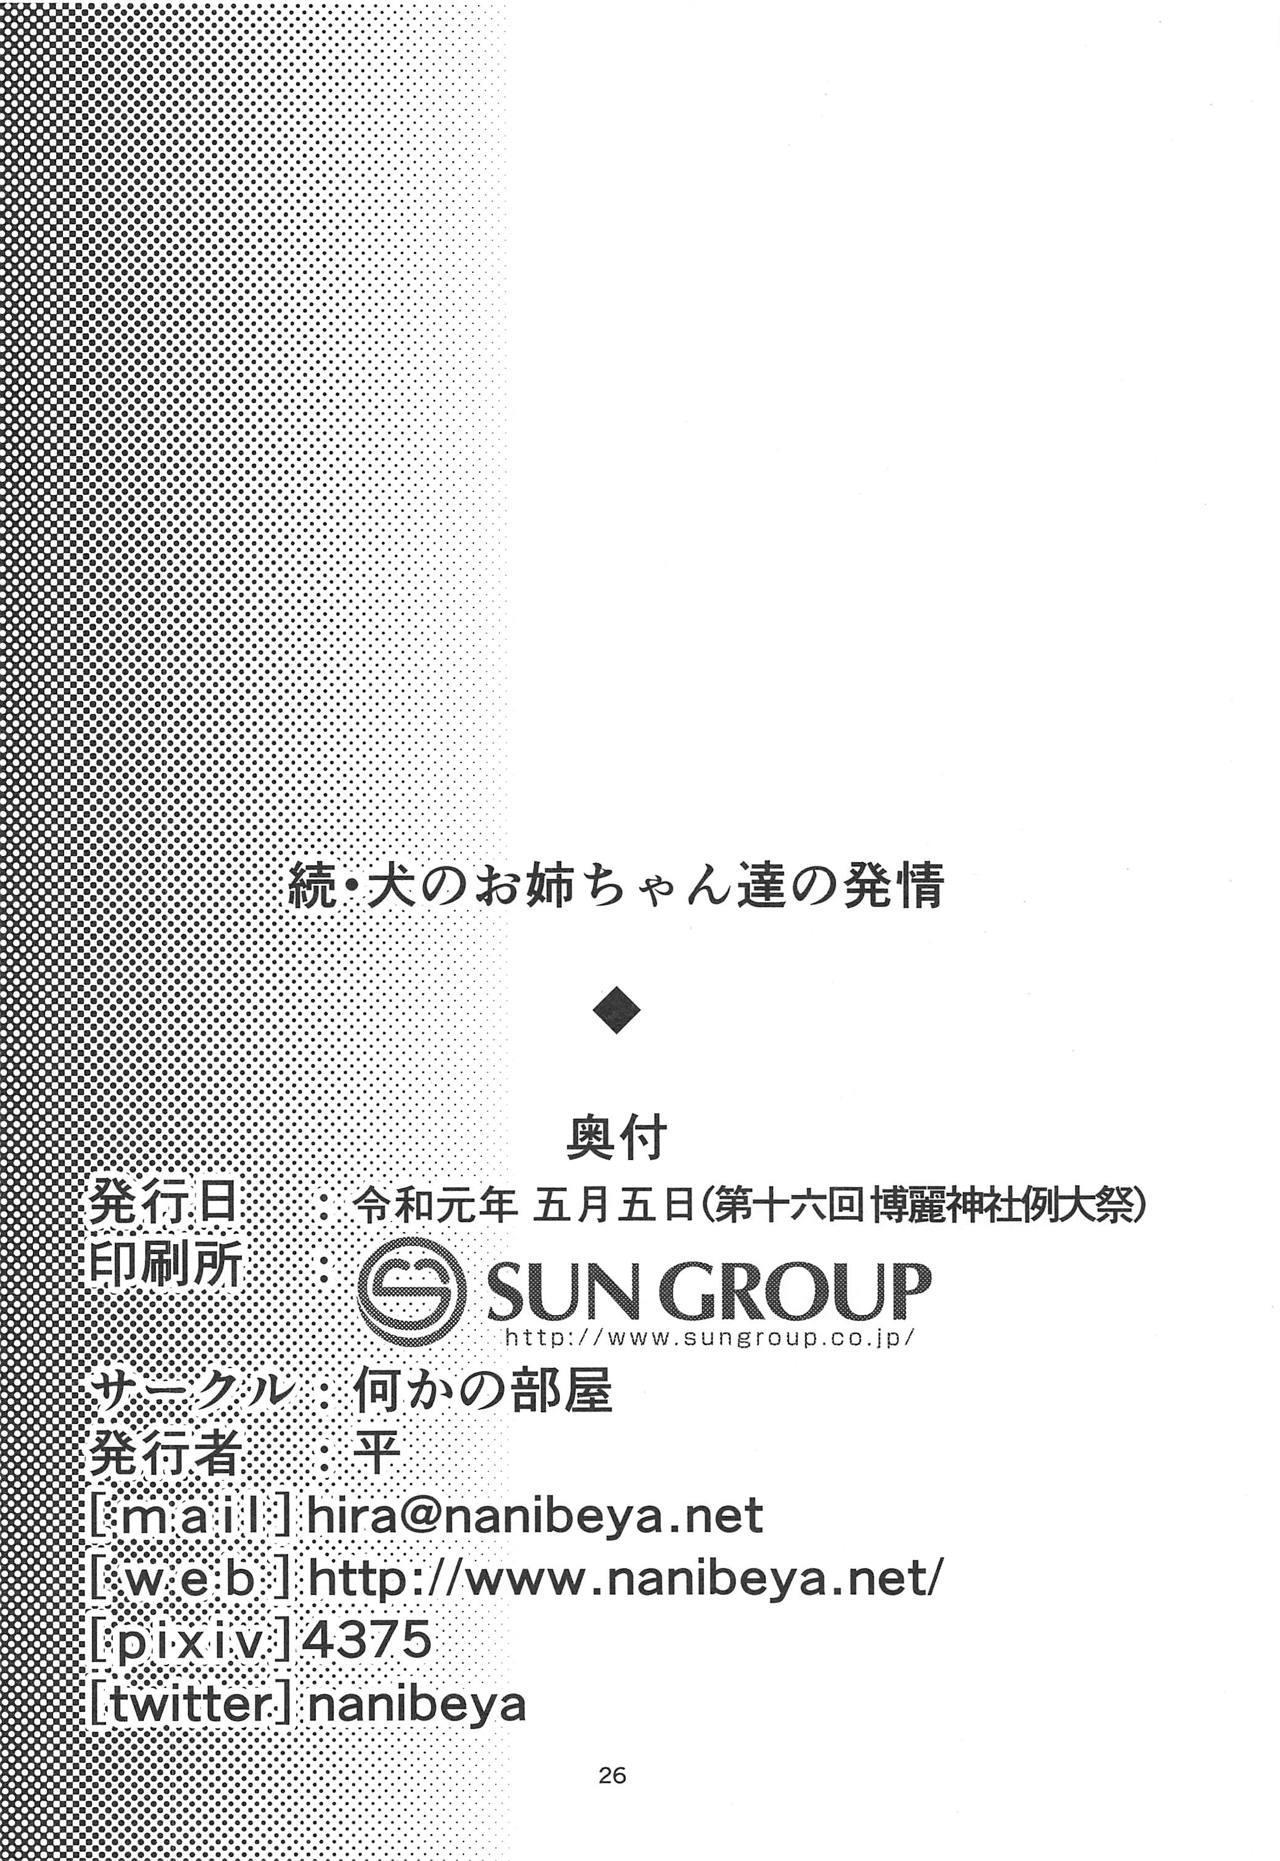 (Reitaisai 16) [Nanika no Heya (Hira)] Zoku Inu no Onee-chan-tachi no Hatsujou (Touhou Project) 24